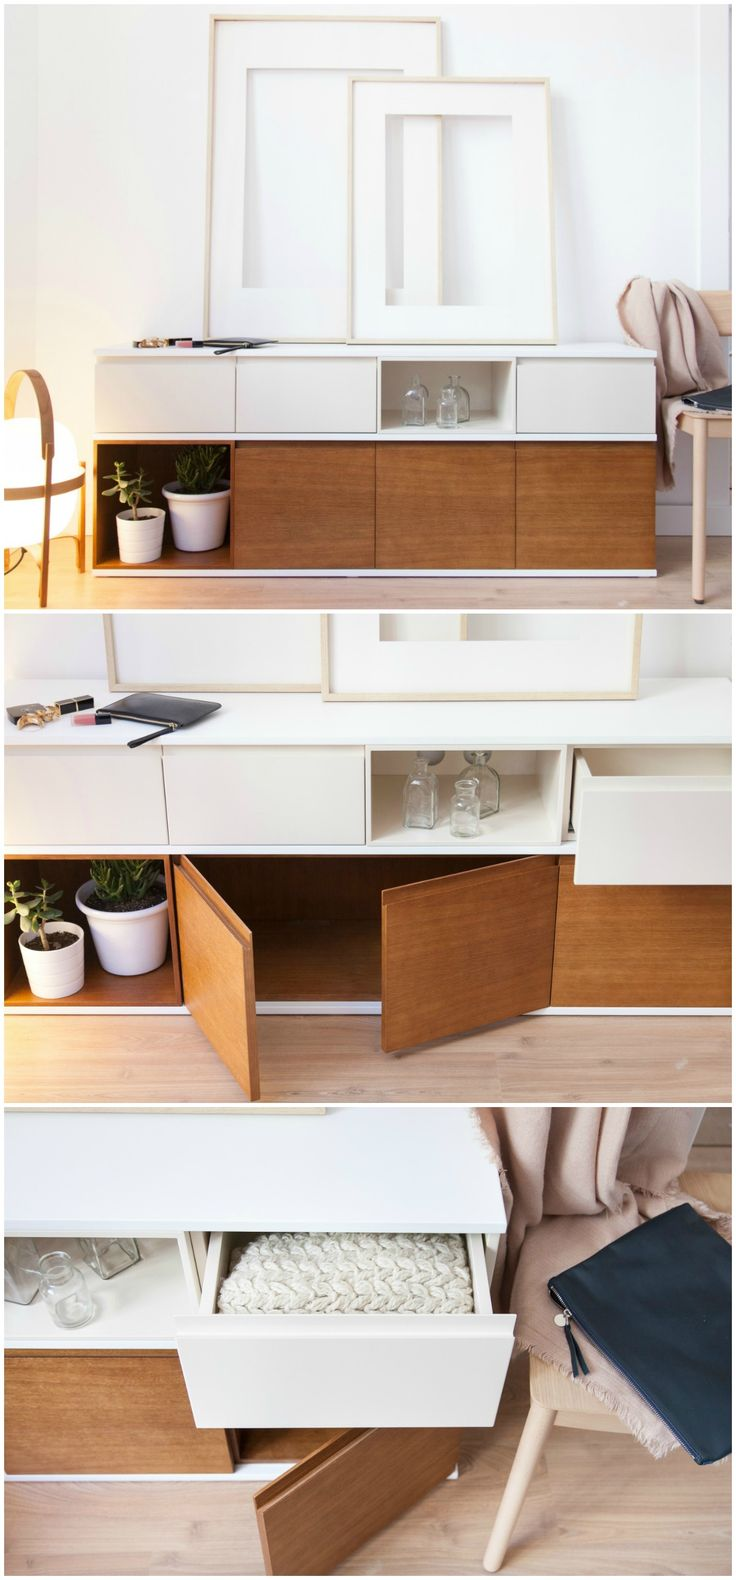 Las 25 mejores ideas sobre muebles minimalistas en - Muebles en la carlota ...